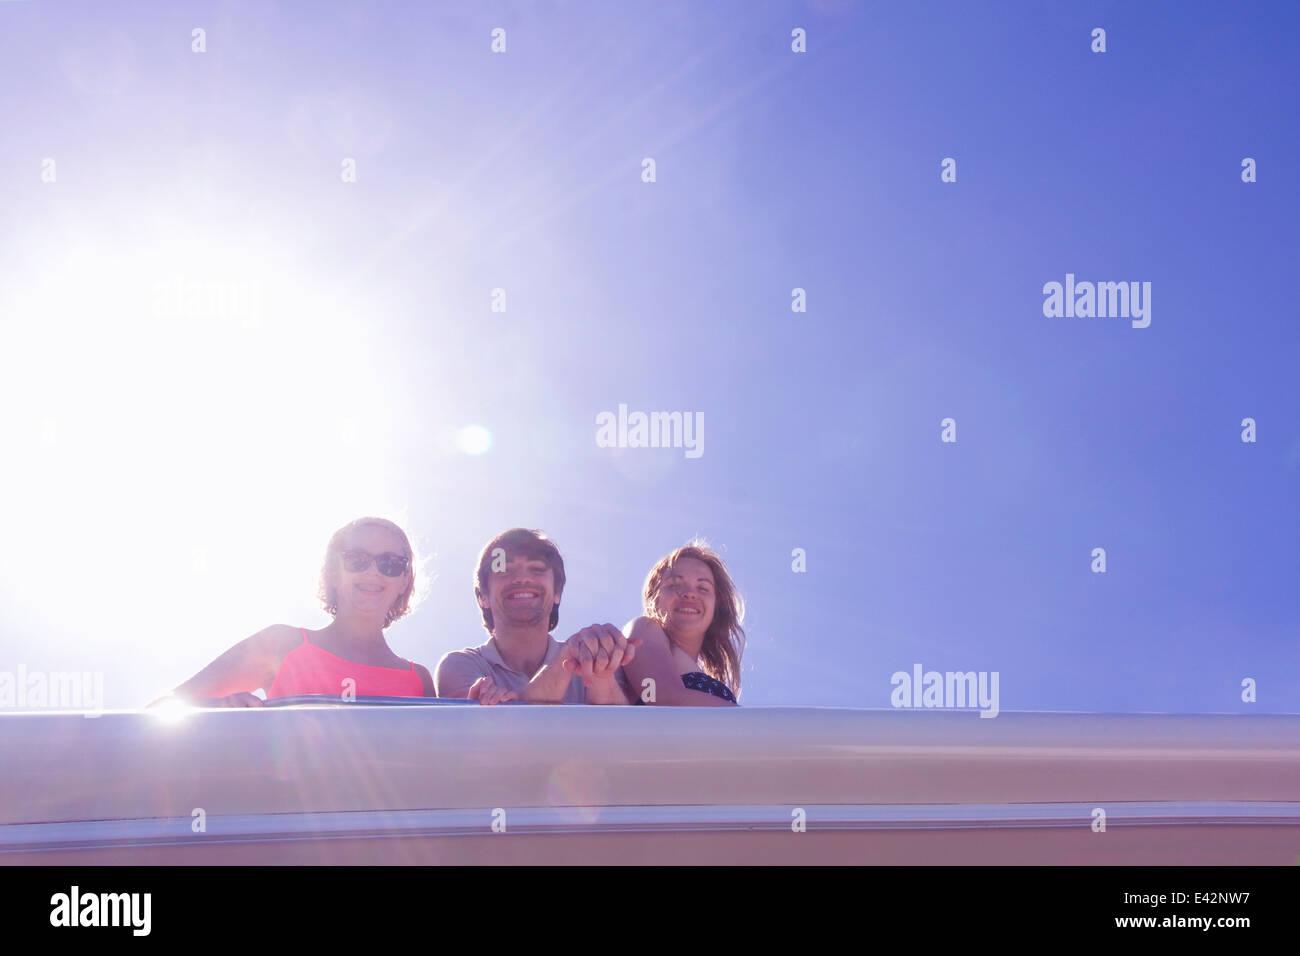 Ritratto di tre amici adulti guardando giù dal yacht Immagini Stock